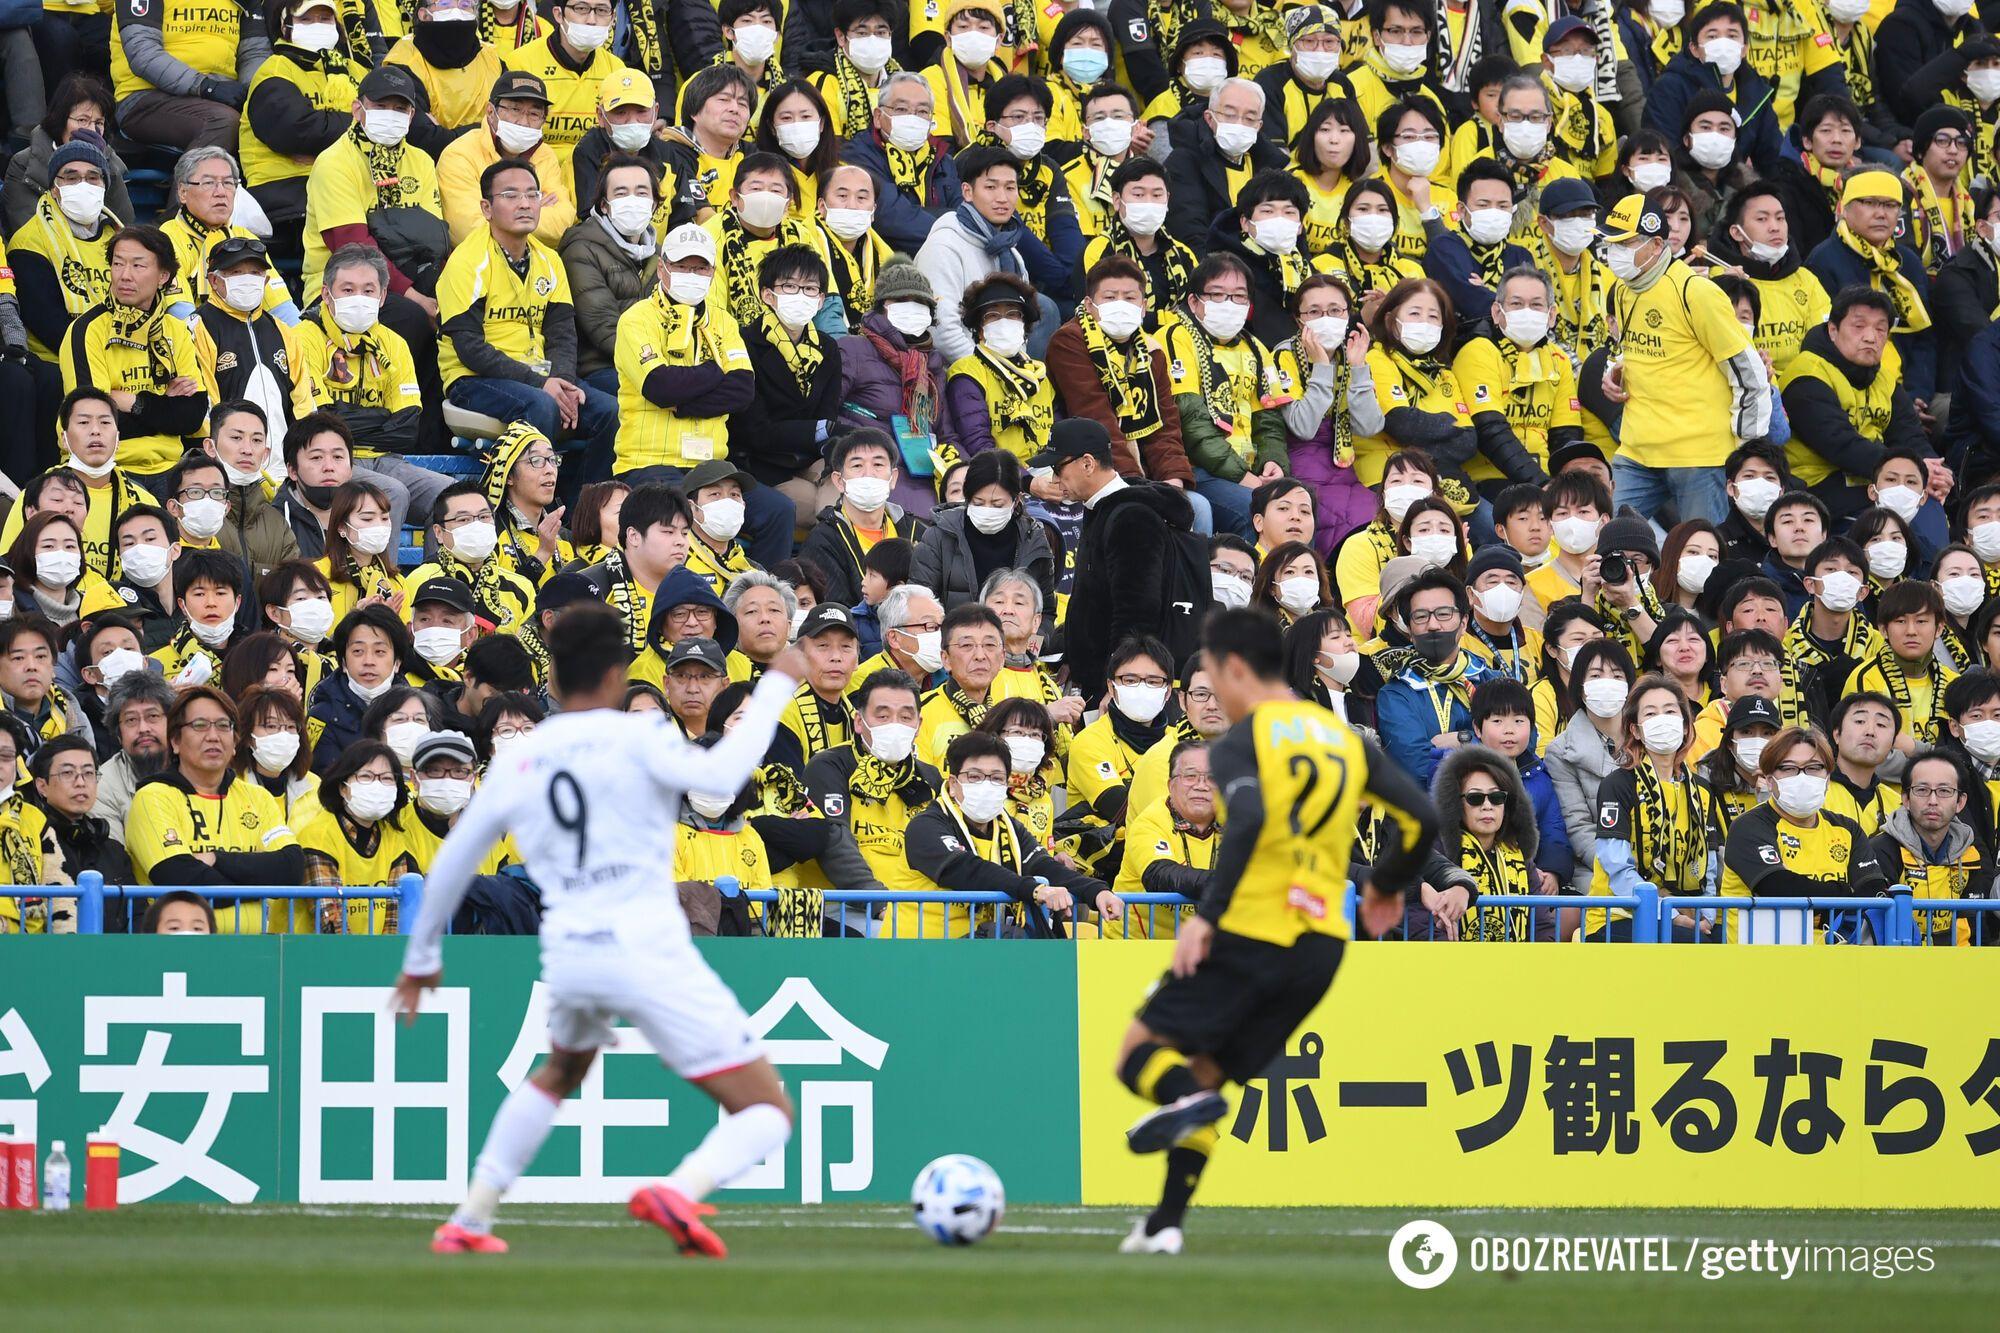 Хоч і в масках, але японські вболівальники встигли відвідати матчі 1 туру нового сезону J Ліги